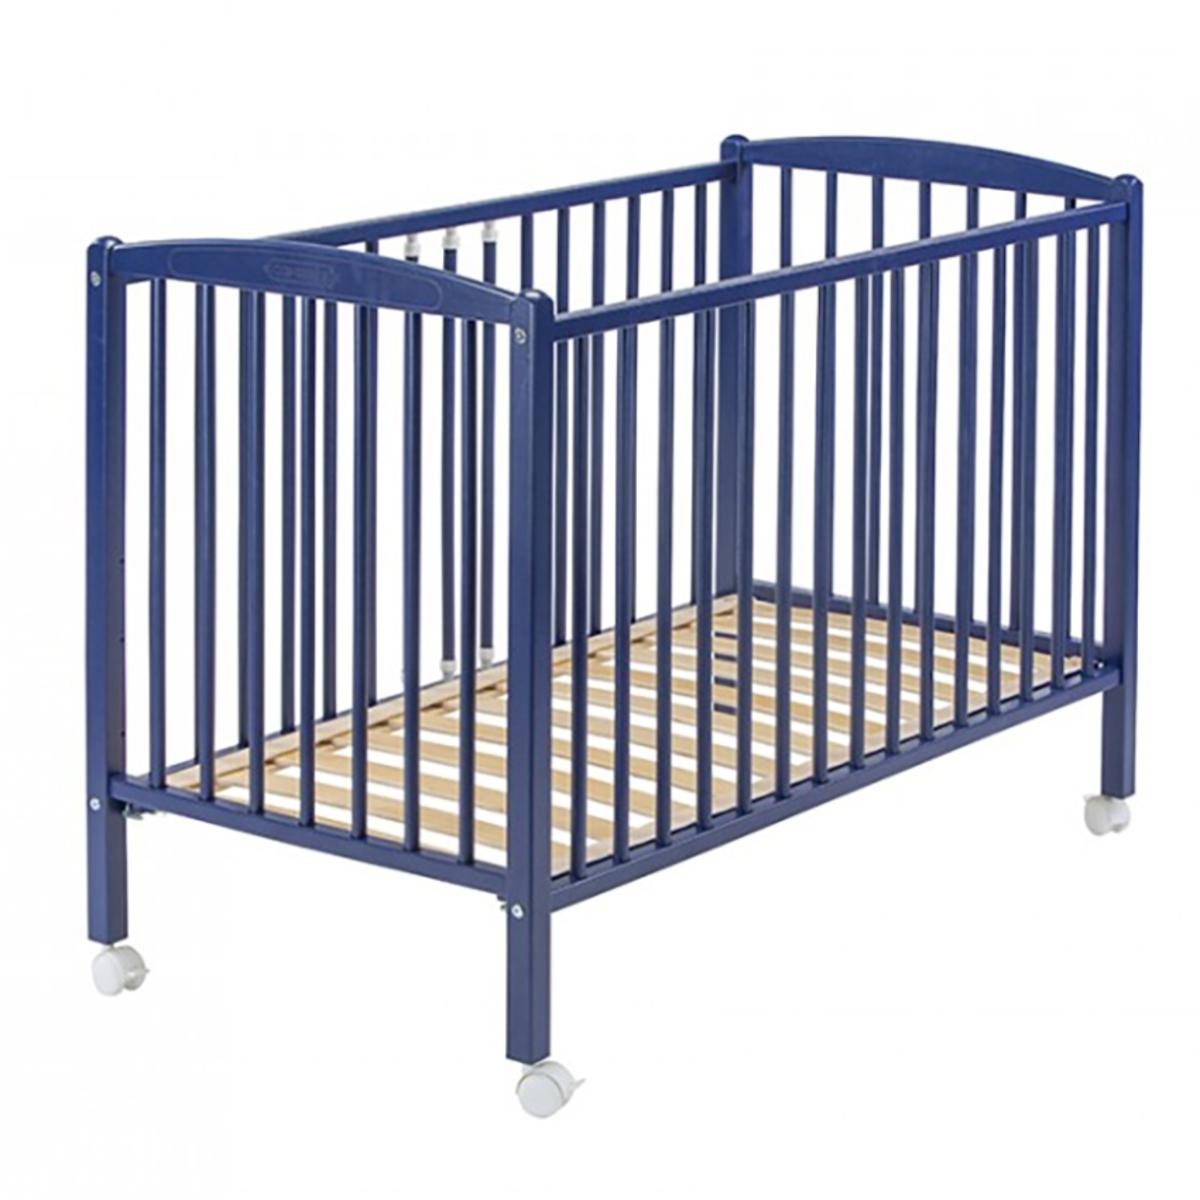 Lit bébé Lit Bébé Arthur Bleu -  60 x 120 cm Lit Bébé Arthur Bleu -  60 x 120 cm